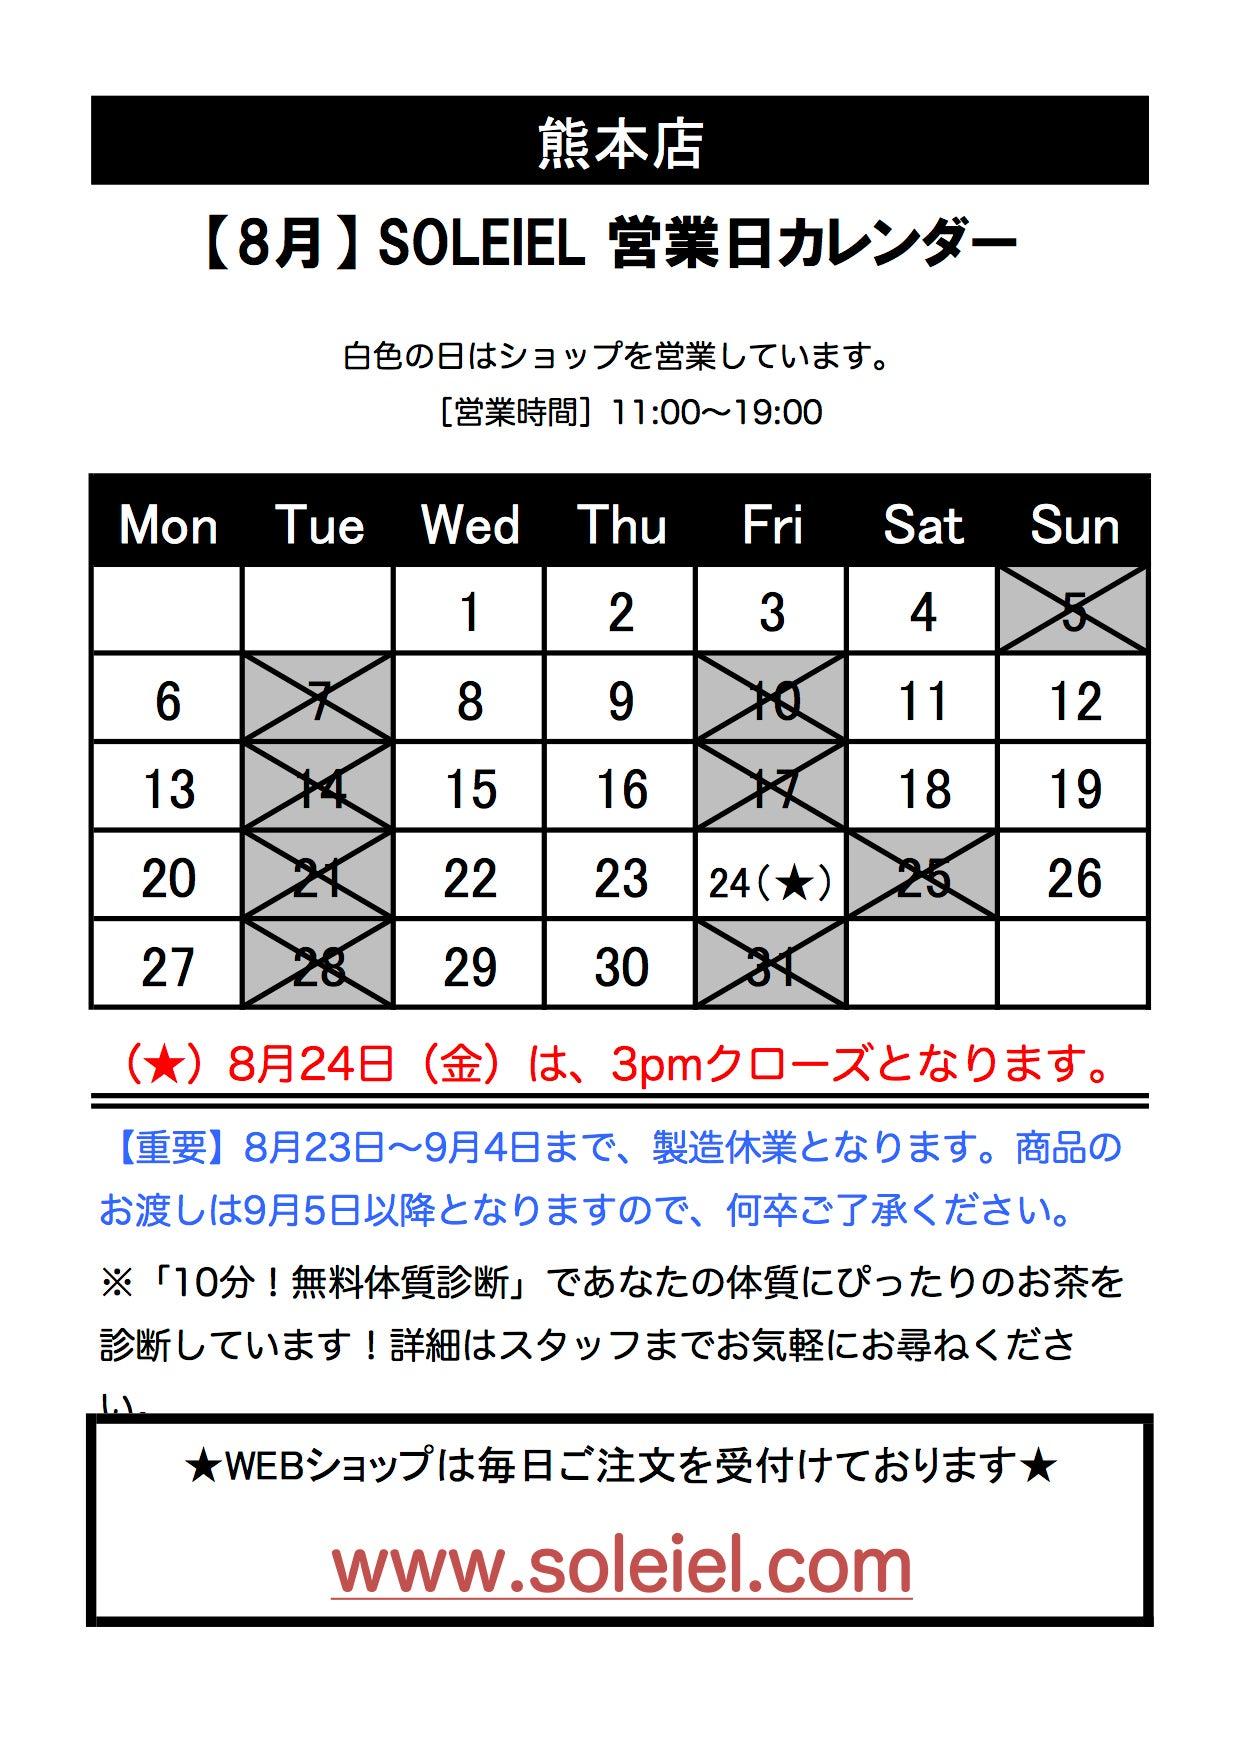 【熊本店】8月の営業日のお知らせ